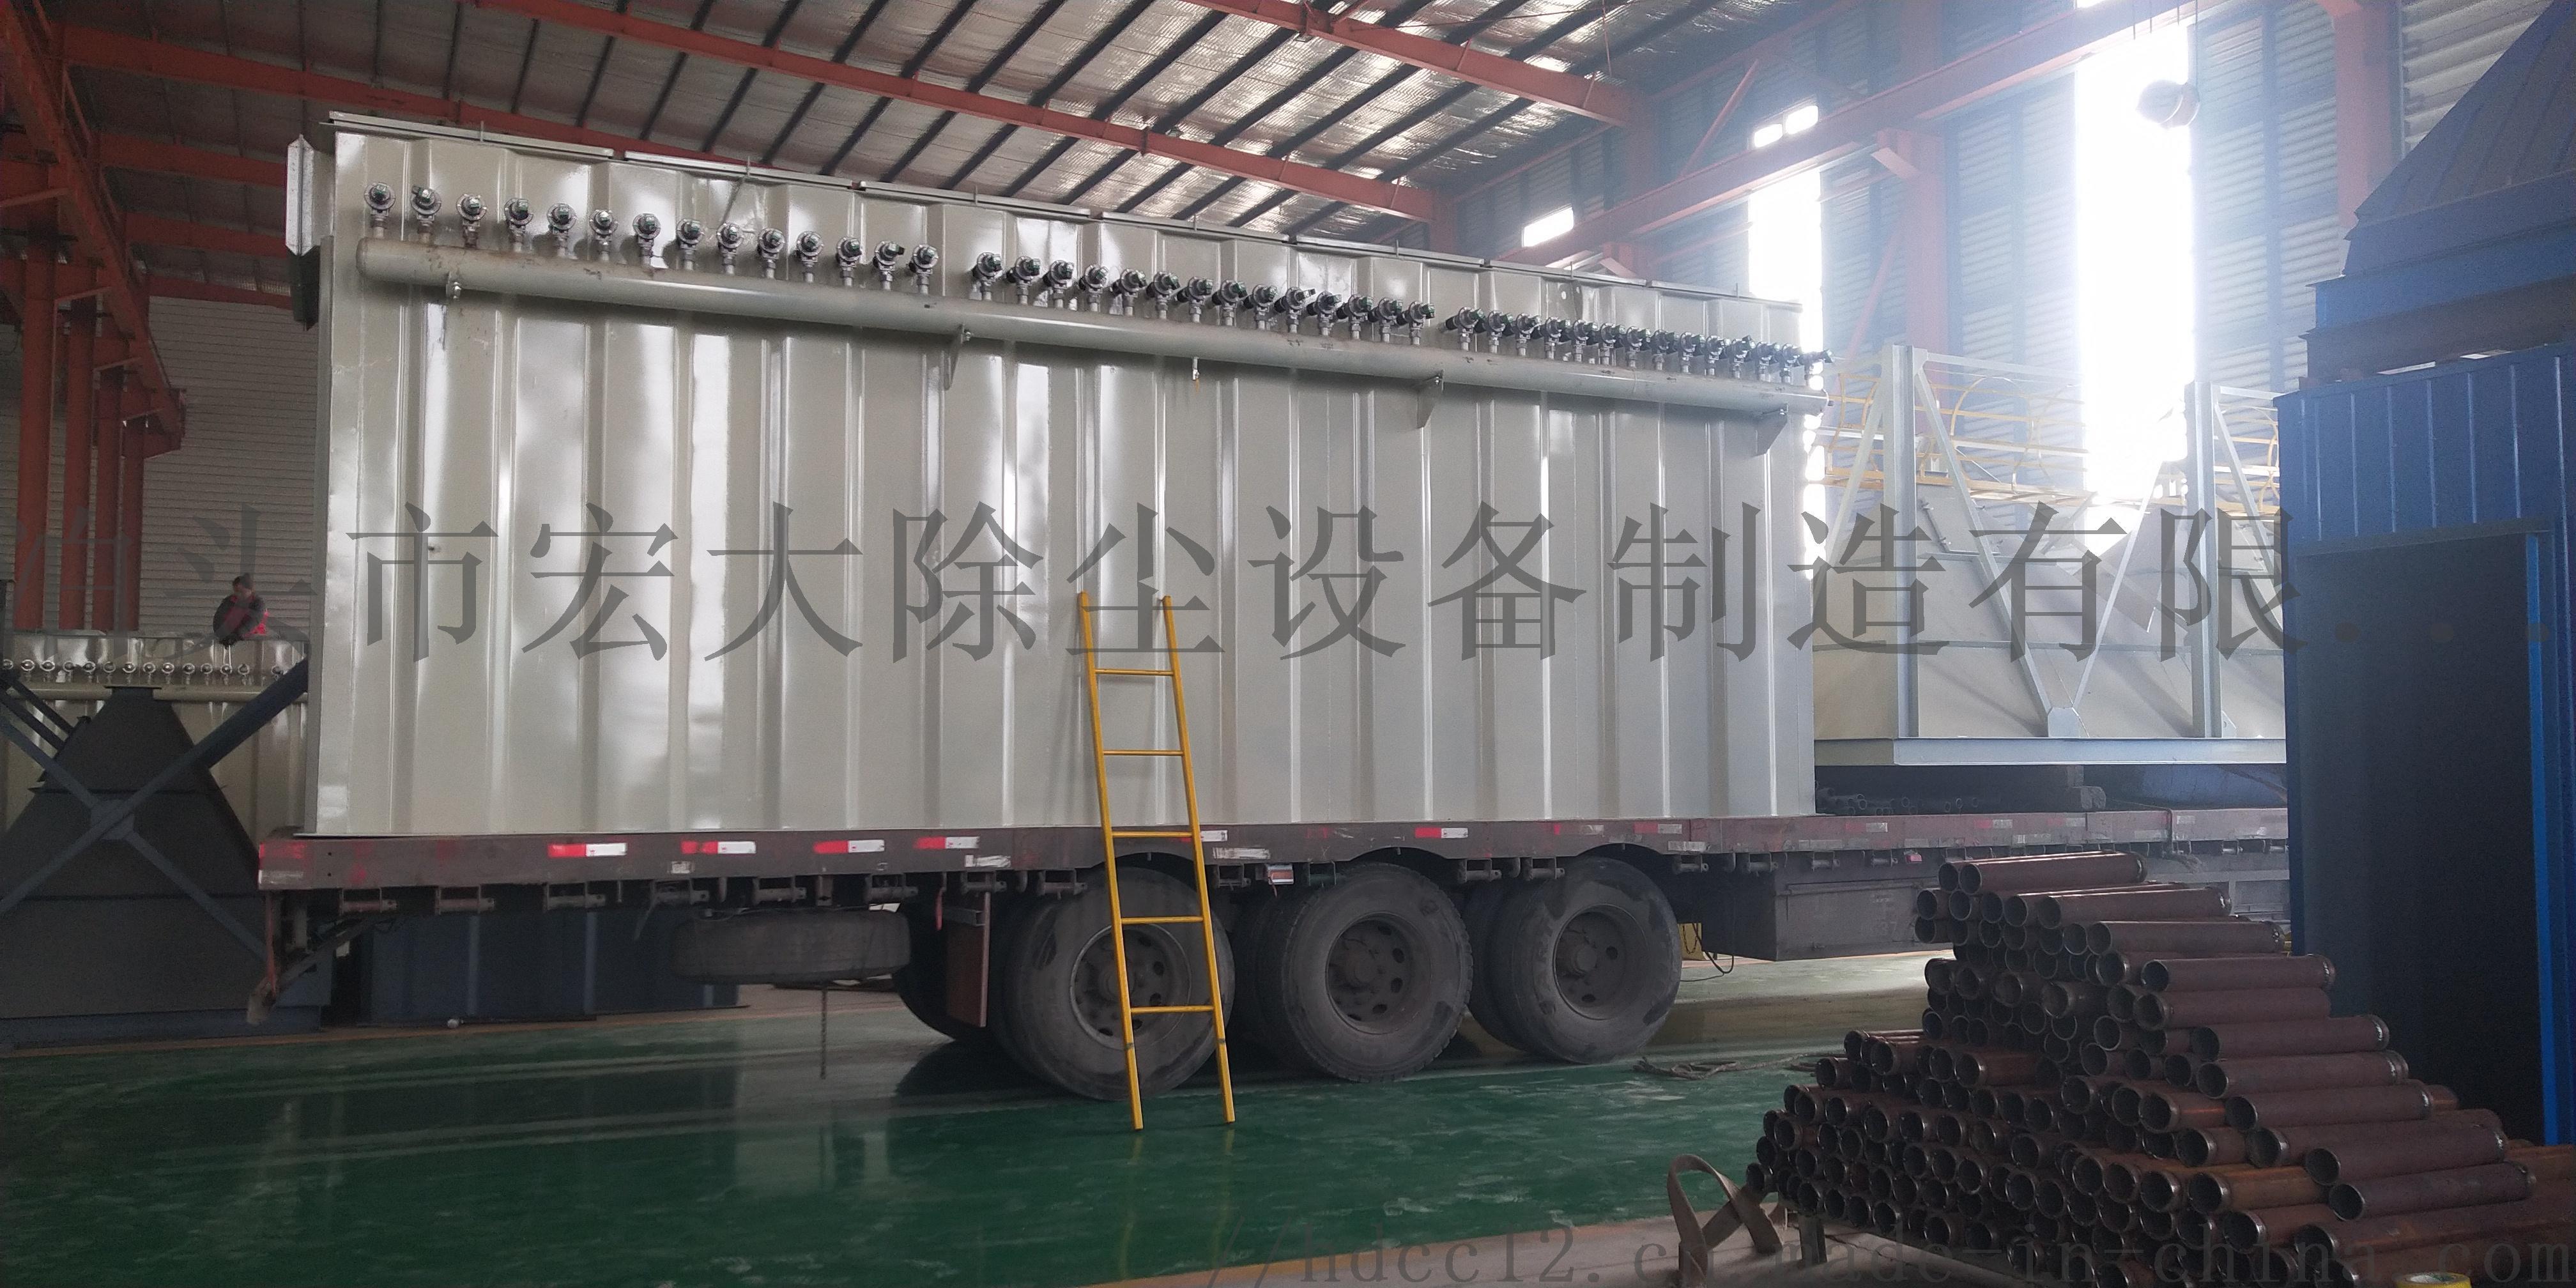 供应冶金化工厂JDMC系列脉冲长布袋除尘器型号齐全848427902